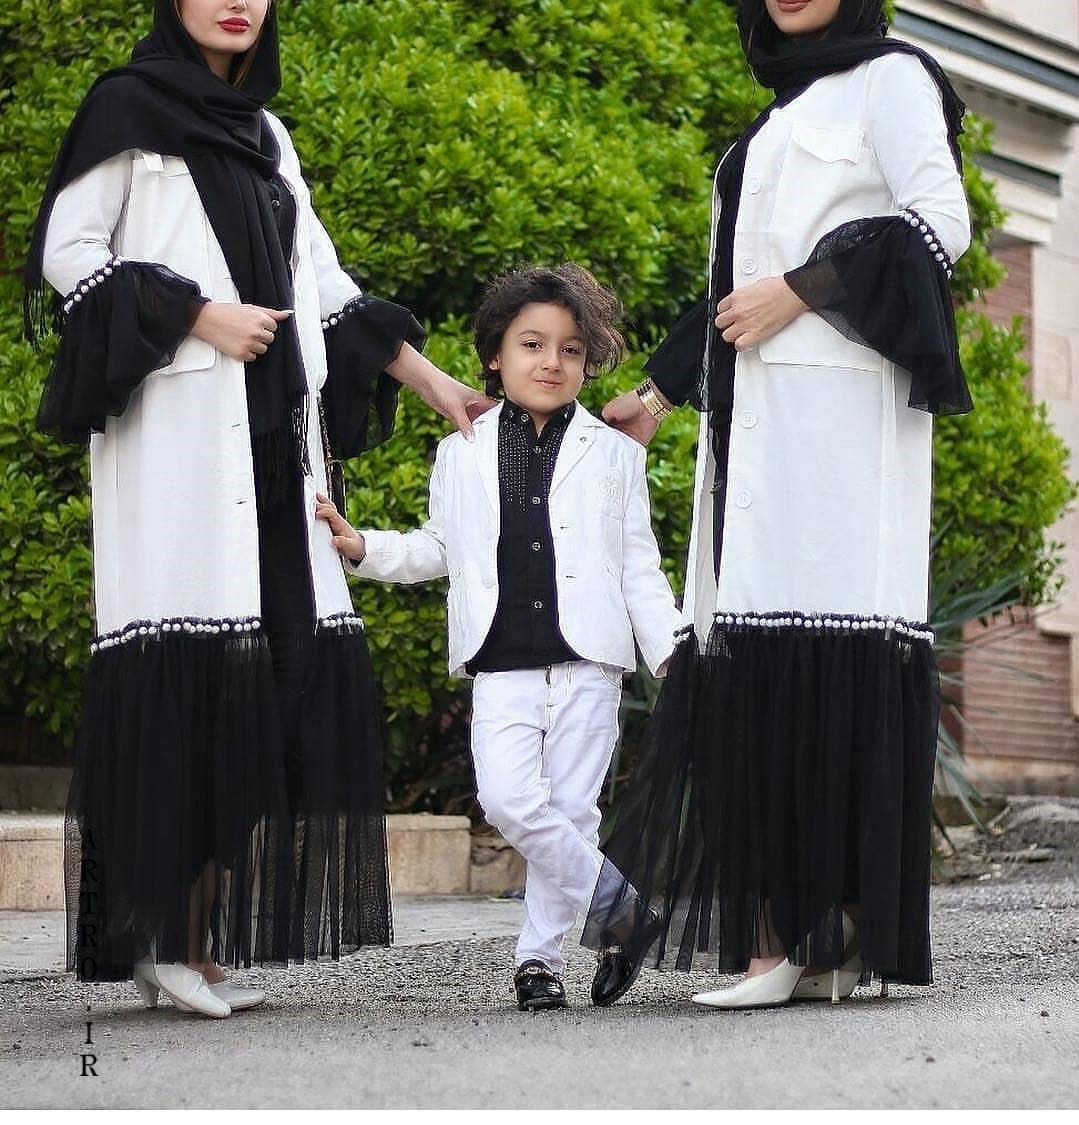 مدل مانتو عید در تهران